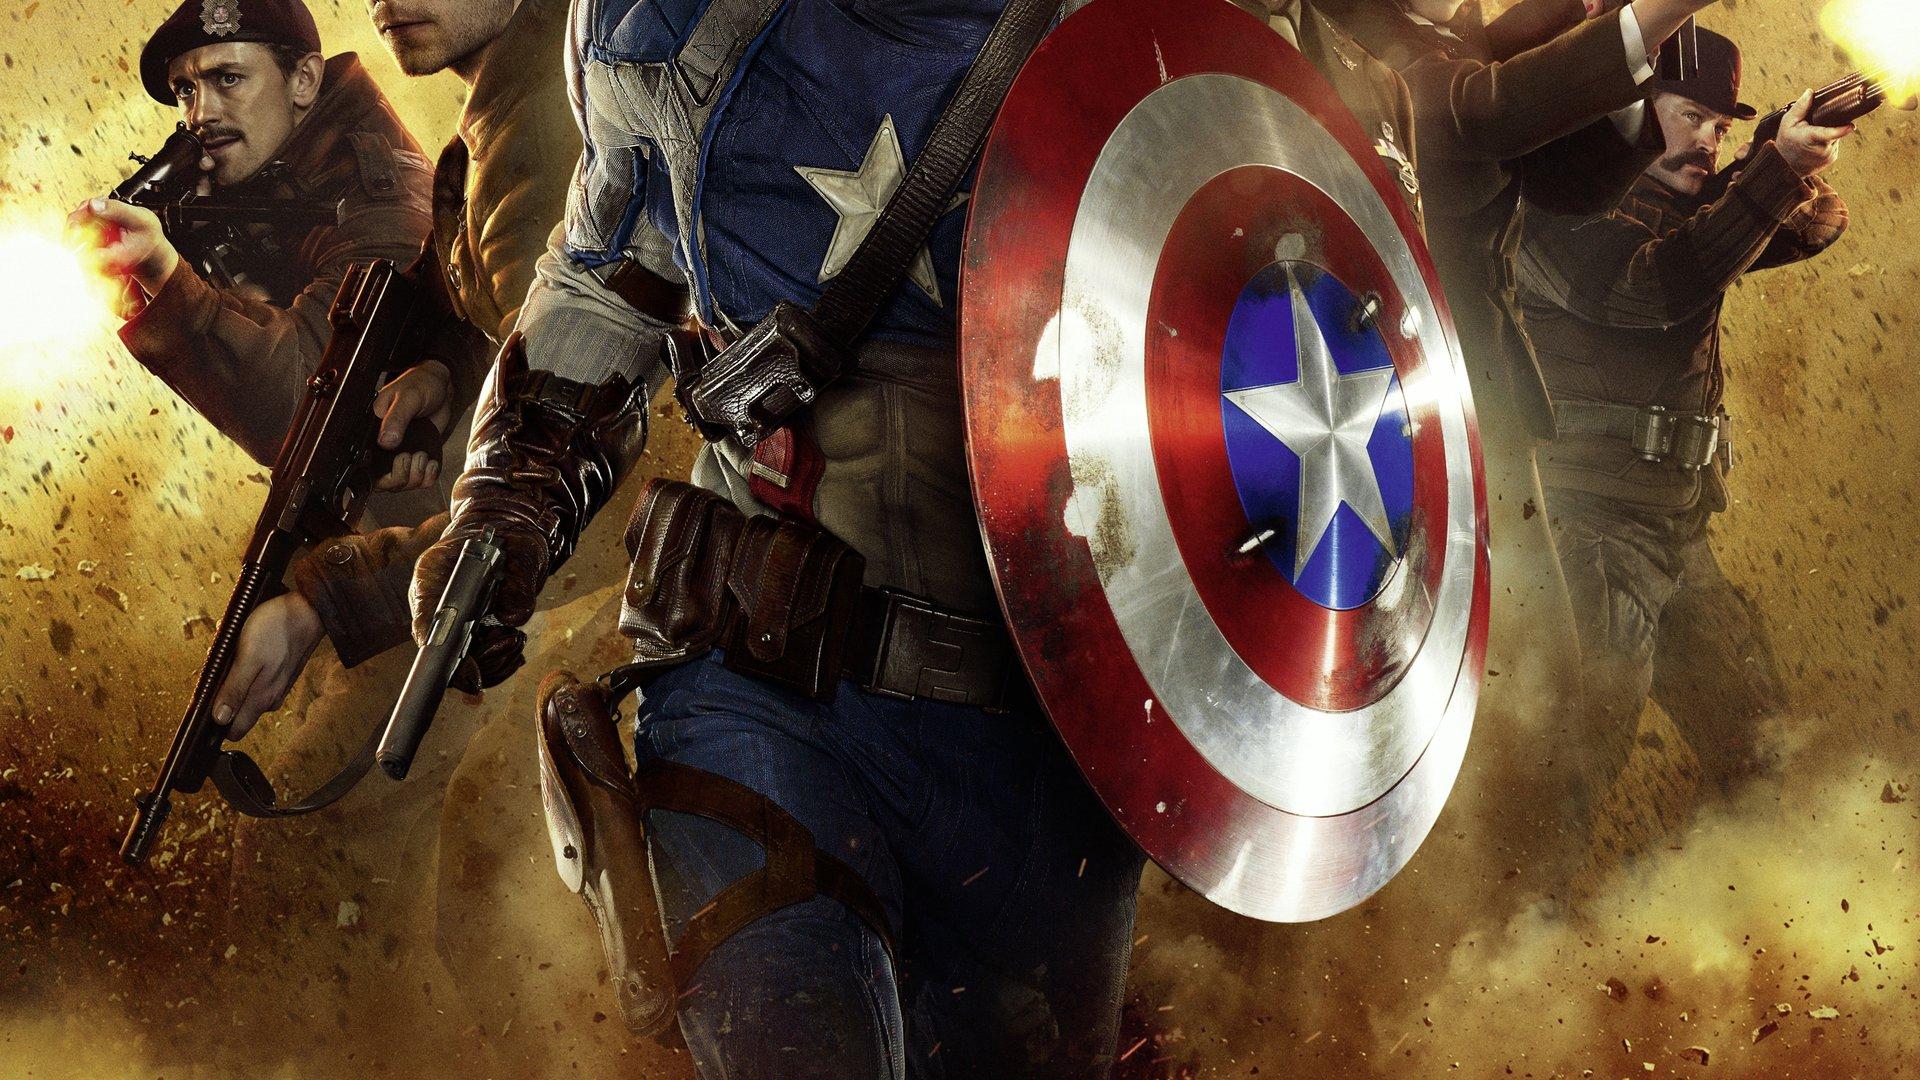 Nach 20 Jahren Marvel löst endlich Geheimnis um Captain America ...